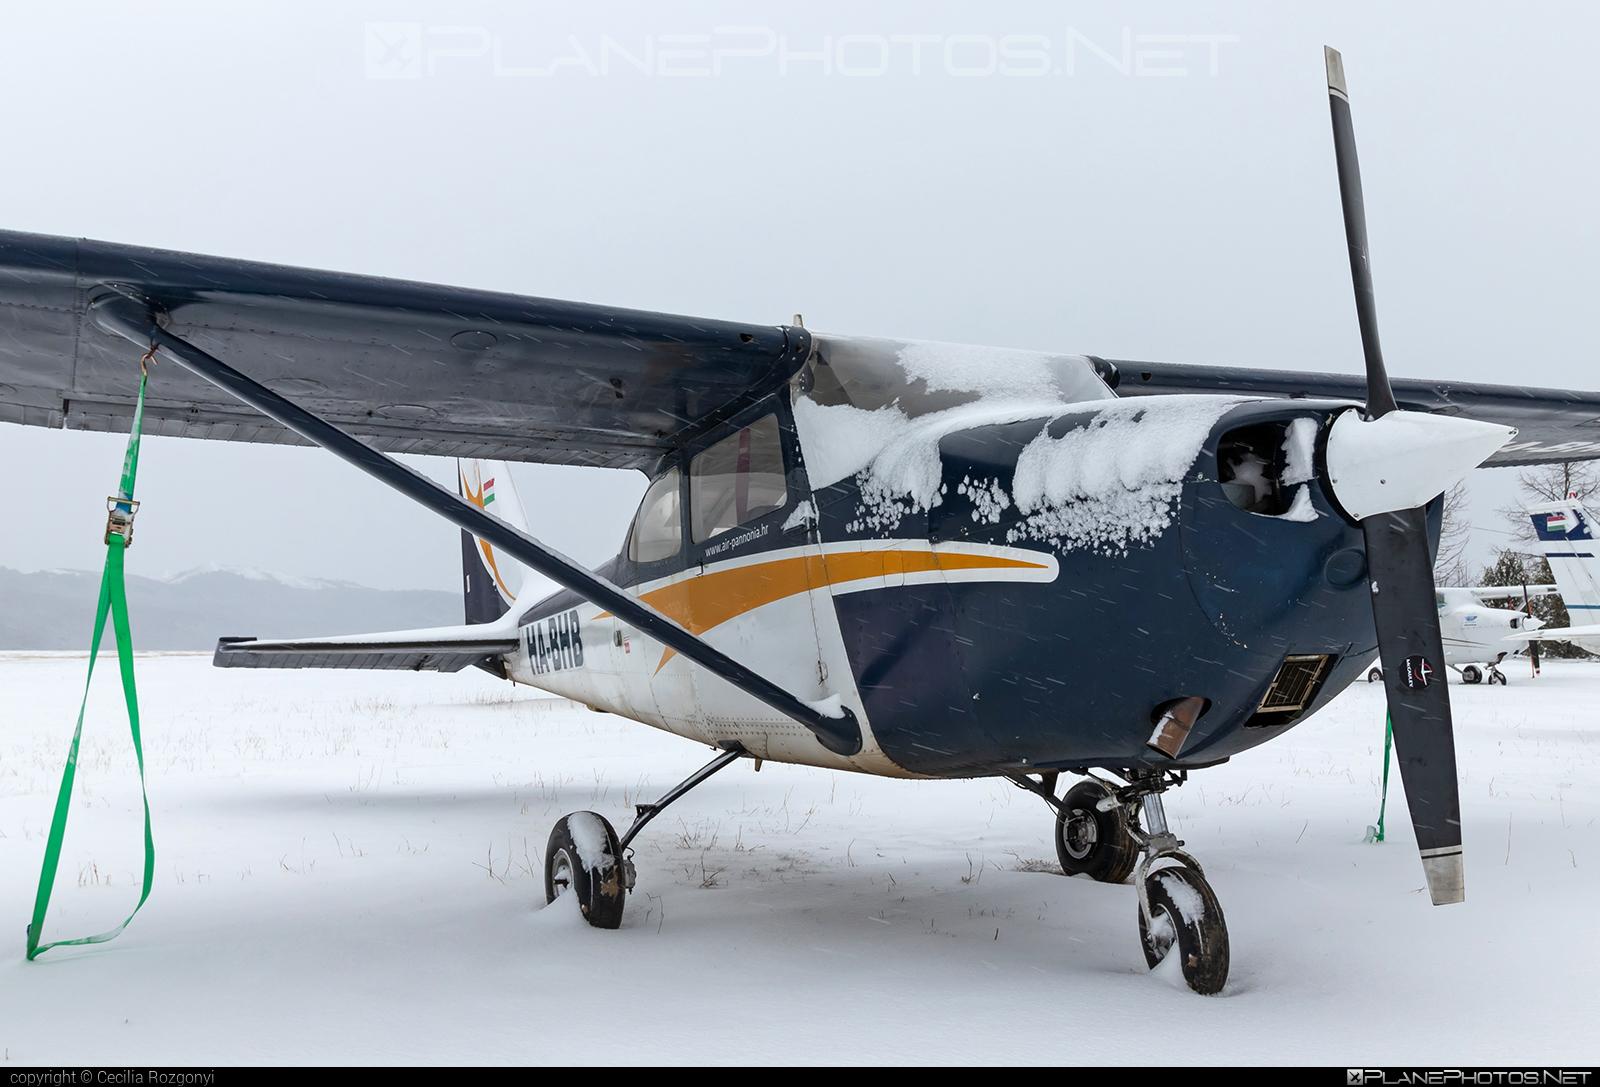 Cessna 172K Skyhawk - HA-BHB operated by Dream Air Kft. #cessna #cessna172 #cessna172k #cessna172kskyhawk #cessna172skyhawk #cessnaskyhawk #dreamairkft